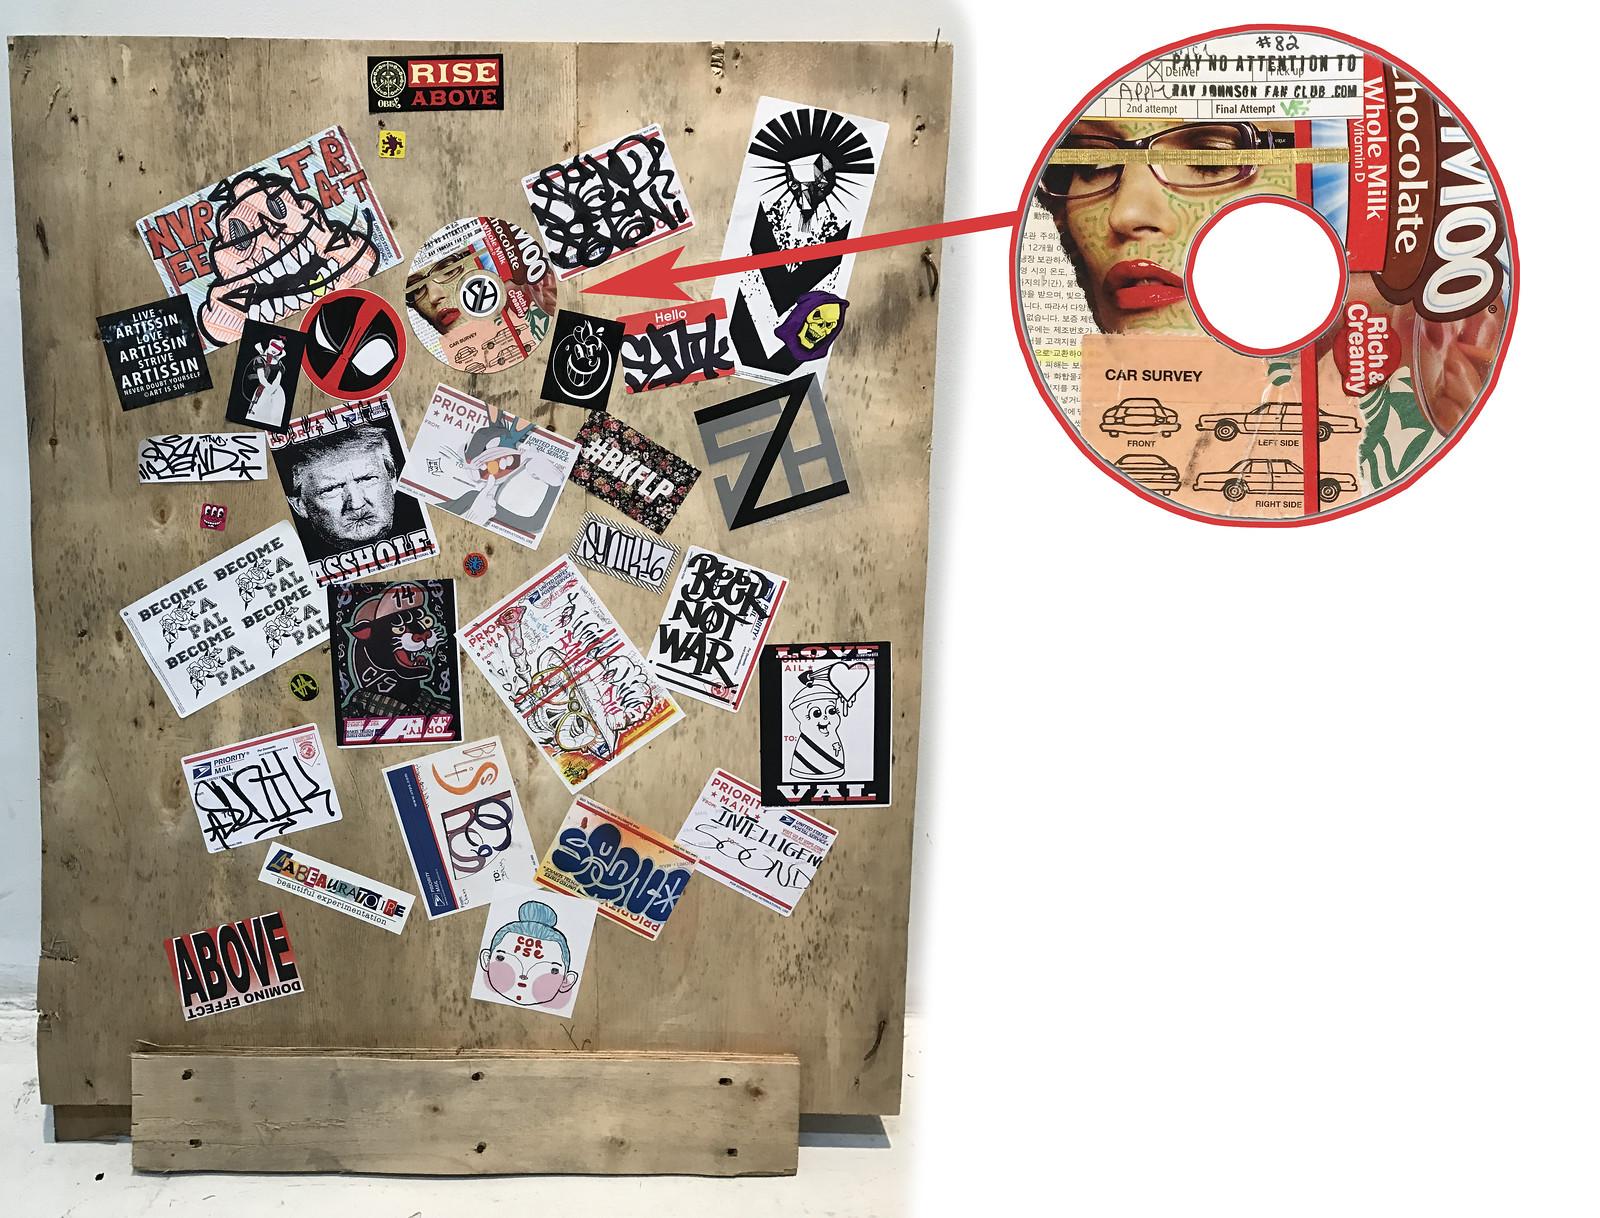 rjfc sticker # 82 left in Miami